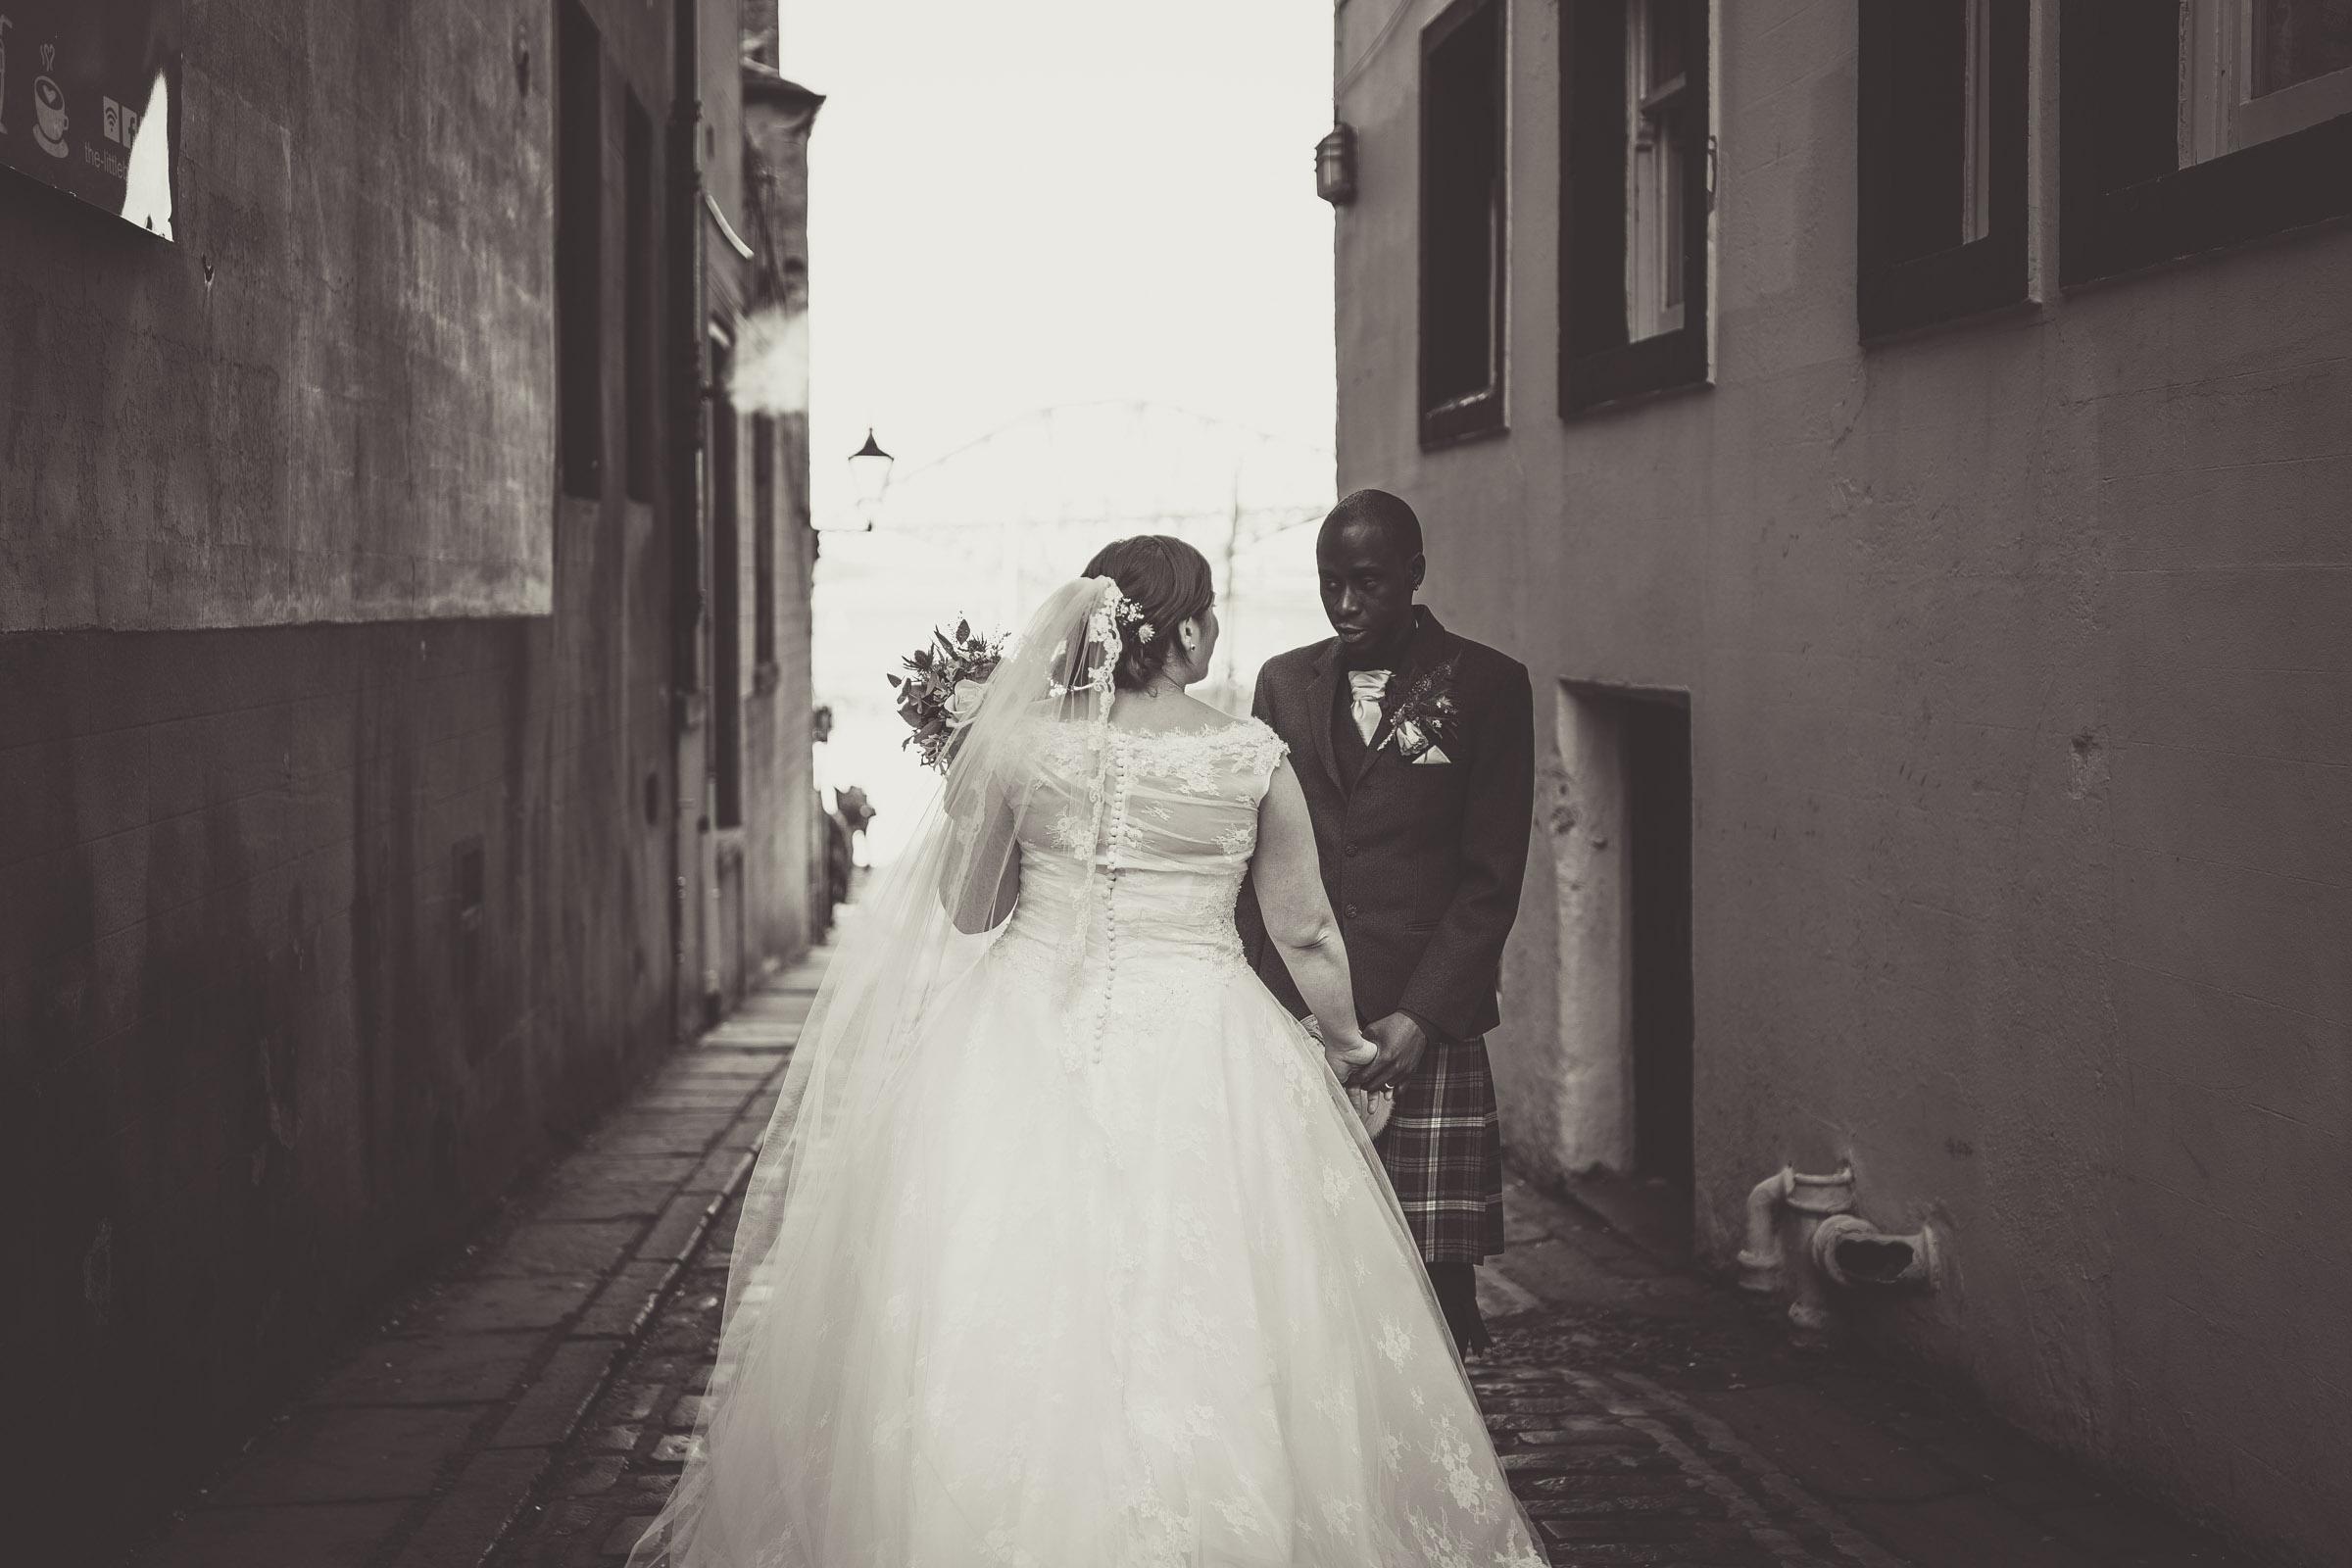 OROCCO-PIER-EDINBURGH-WEDDING-DEARLYPHOTOGRAPHY (23 of 41).jpg